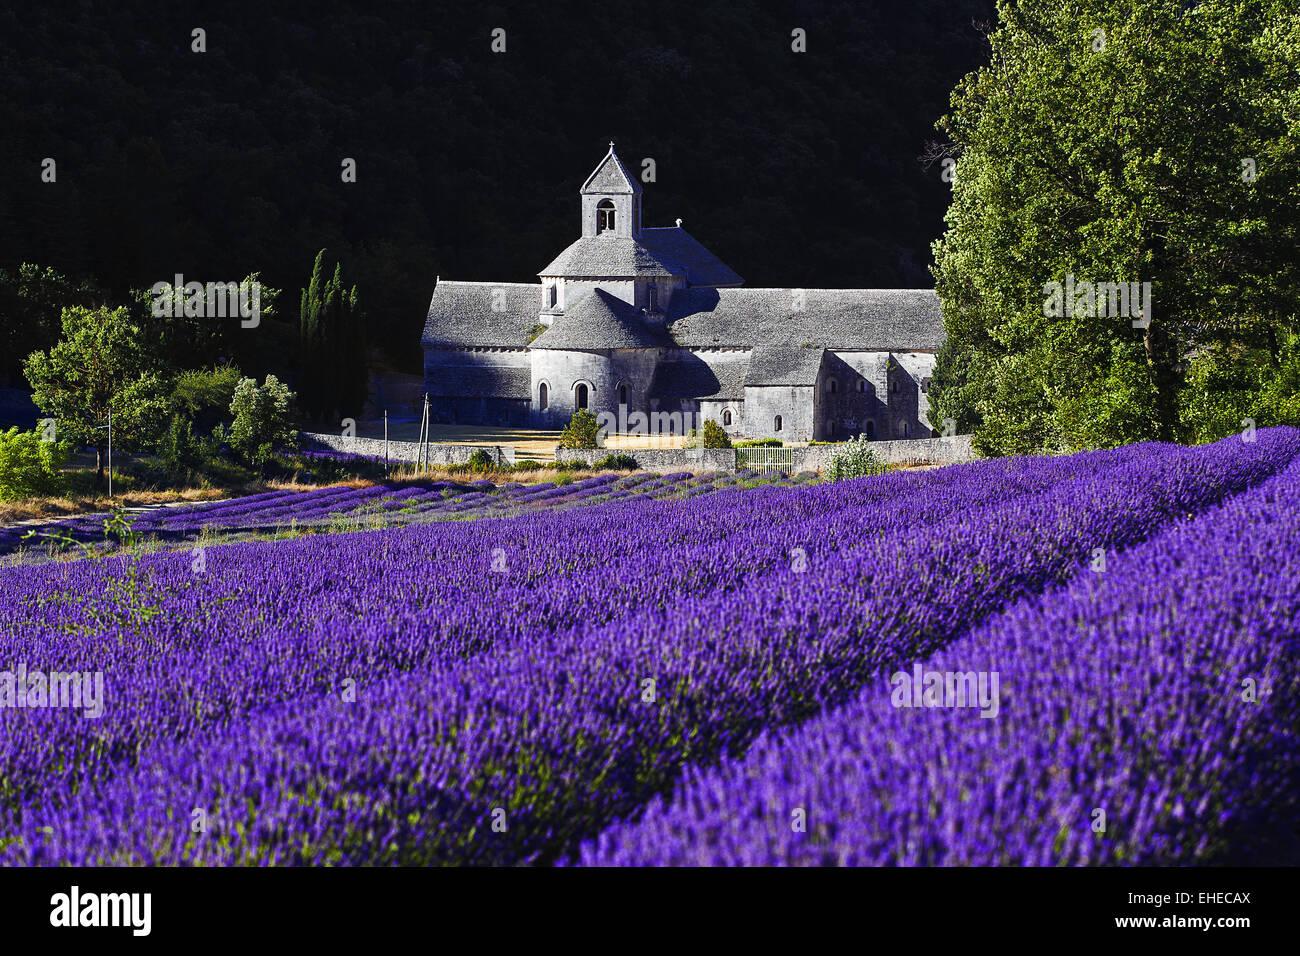 Abbey de Senanque, Vaucluse, Provence, France Stock Photo